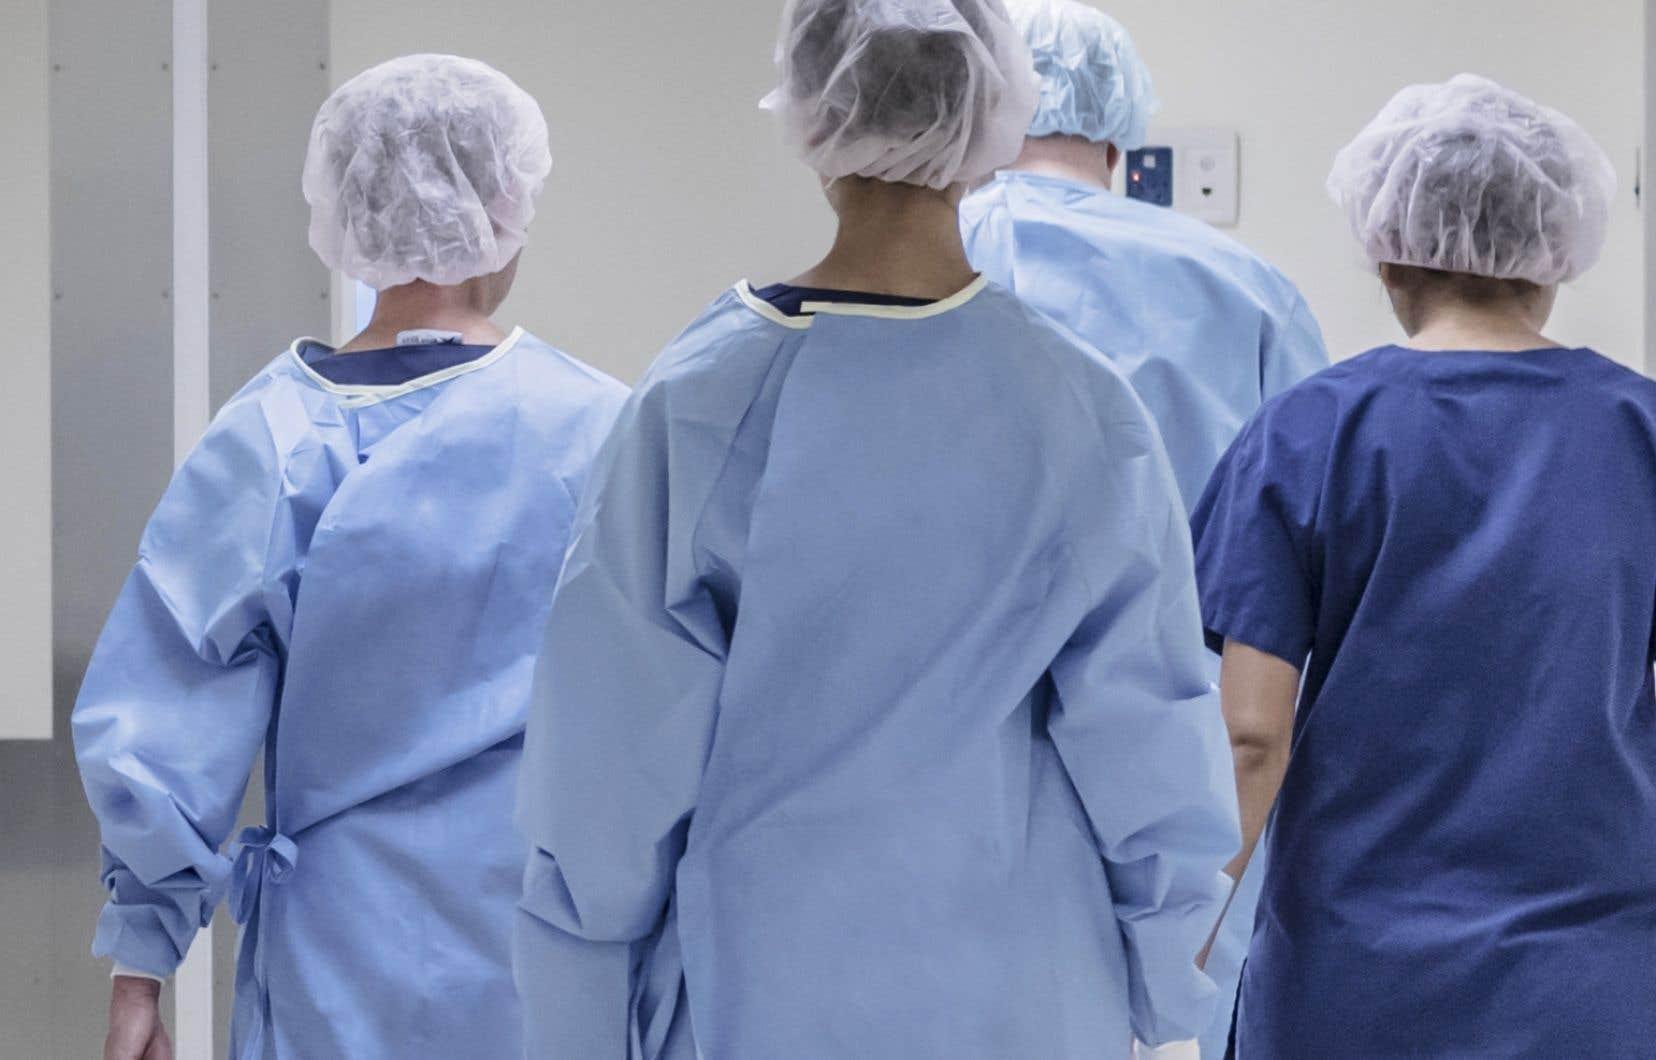 Justin Trudeau a dû se défendre, lundi, de promettre une fois de plus d'intervenir dans les champs de compétence des provinces. De passage à Halifax, il s'est engagé à éliminer les listes d'attente en santé de même qu'à embaucher 7500 médecins de famille et infirmières.